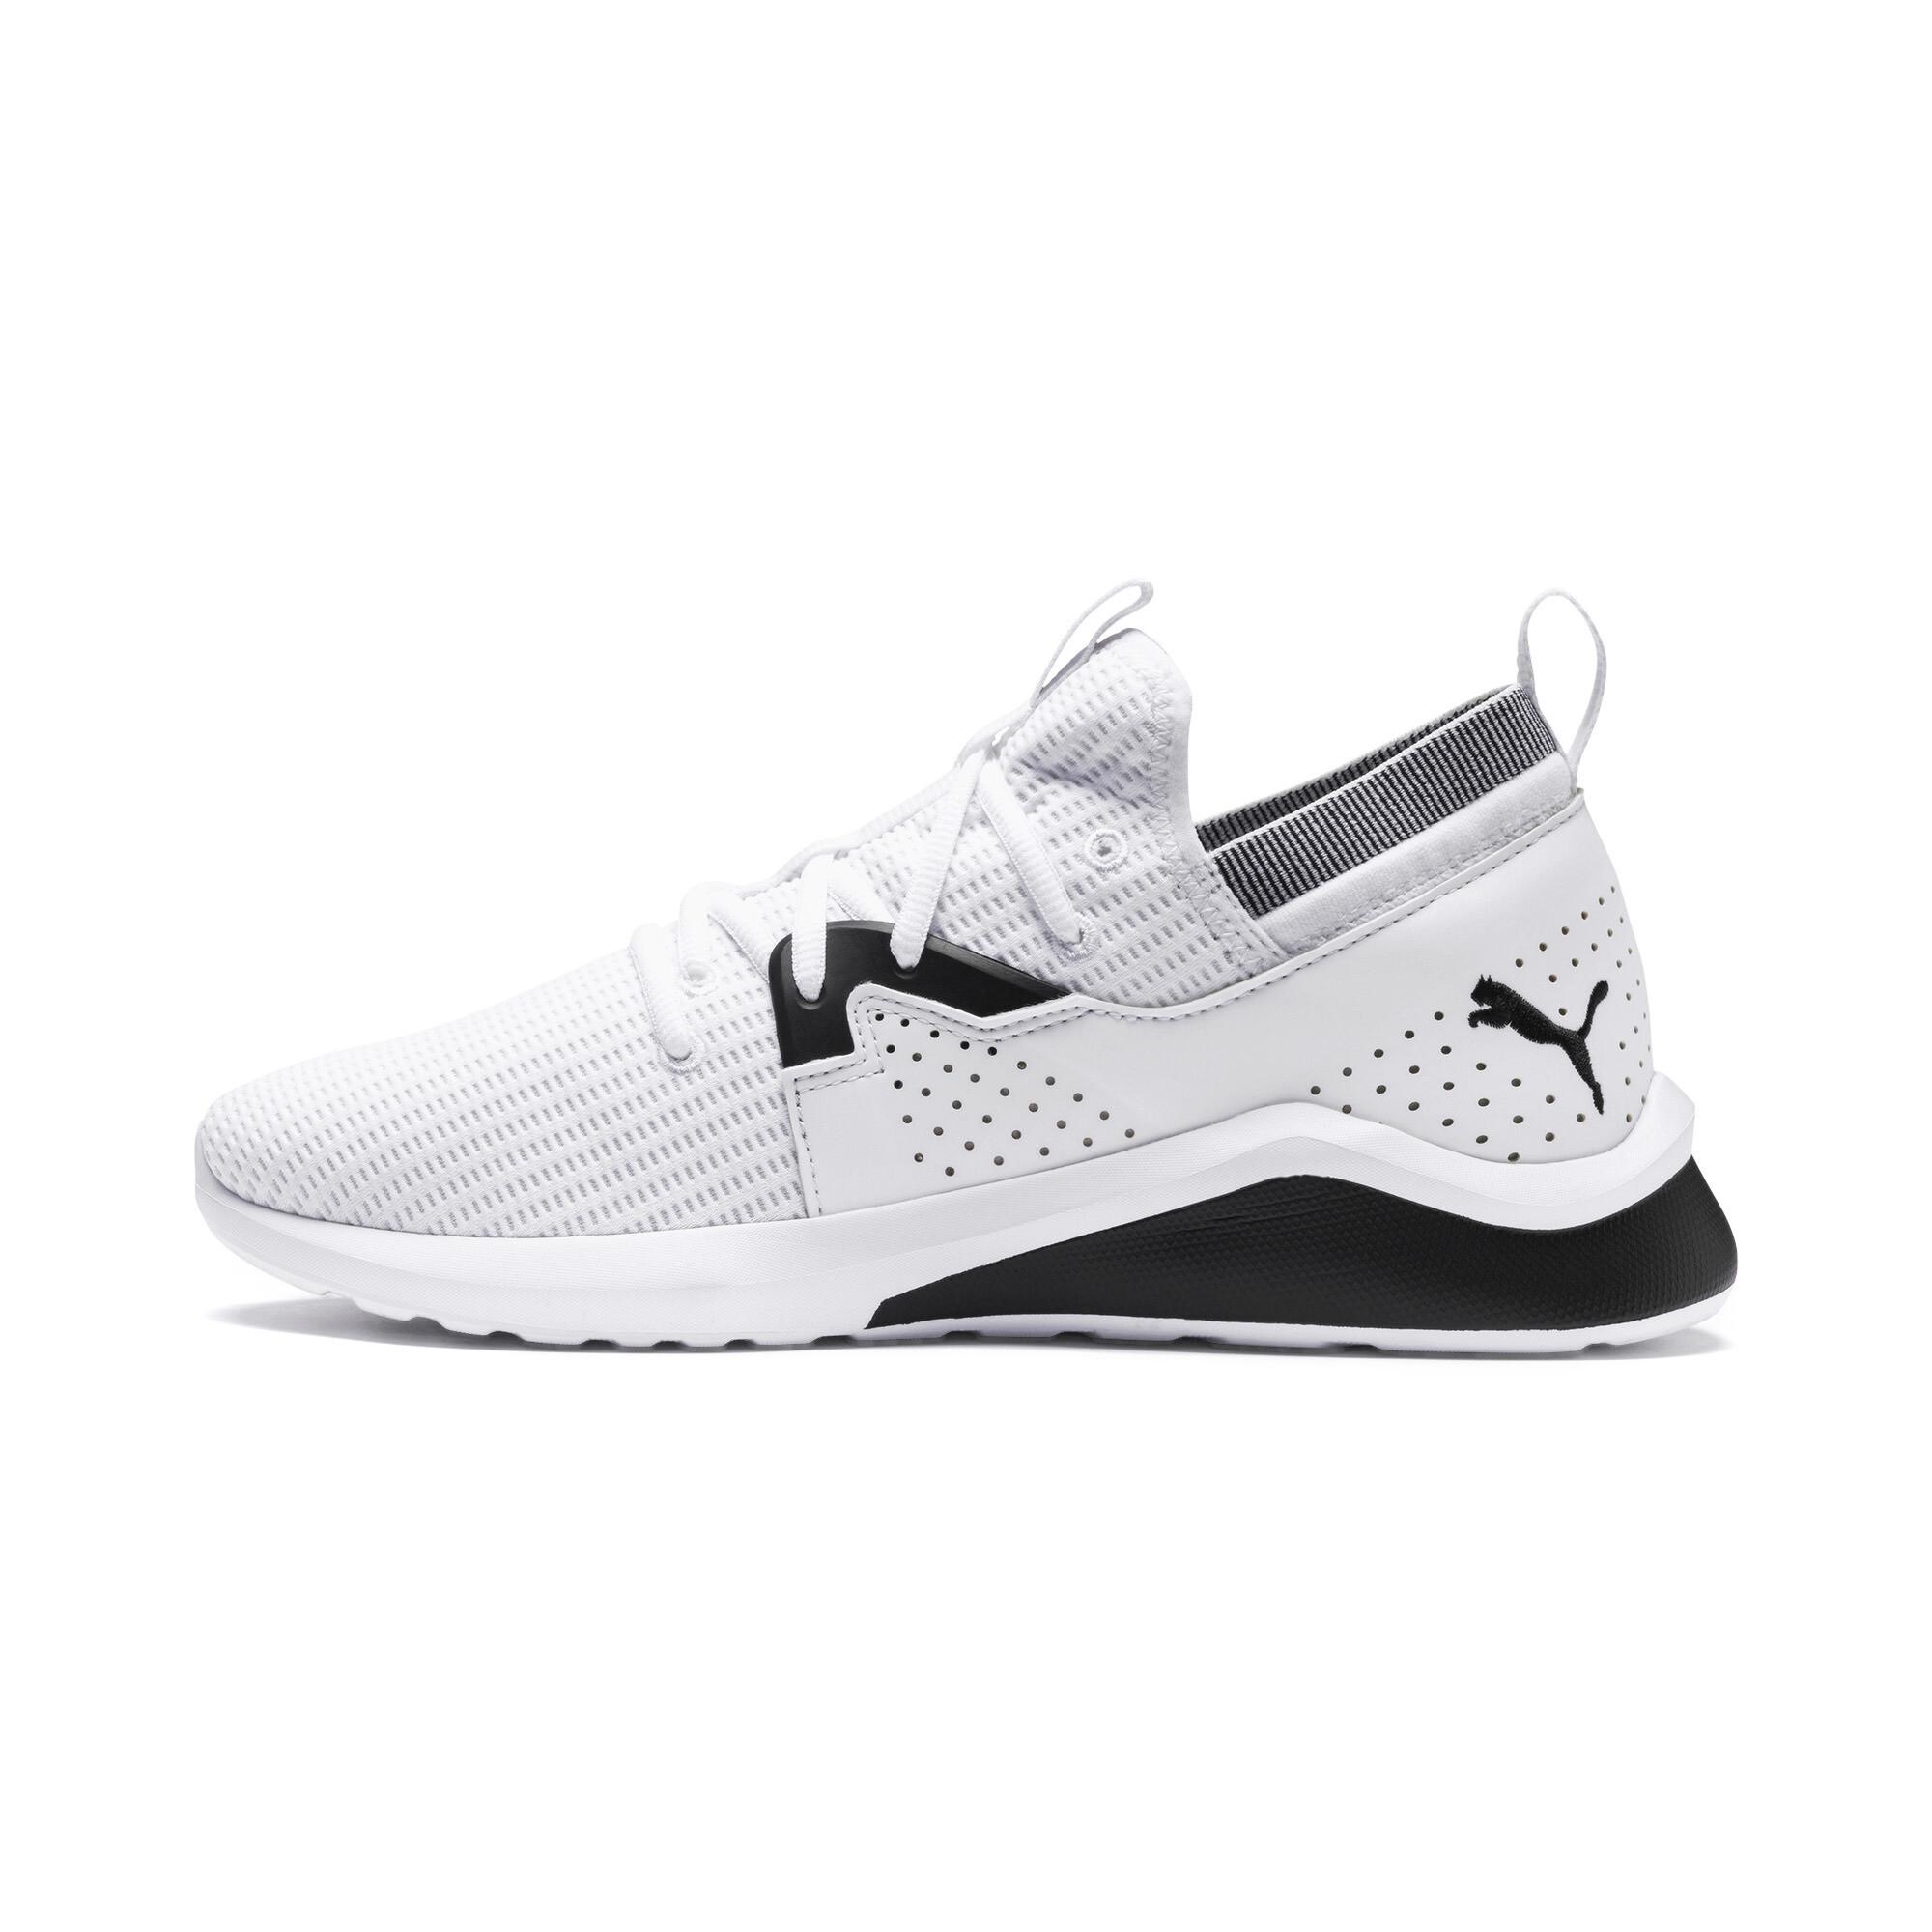 PUMA-Men-039-s-Emergence-Future-Training-Shoes thumbnail 12